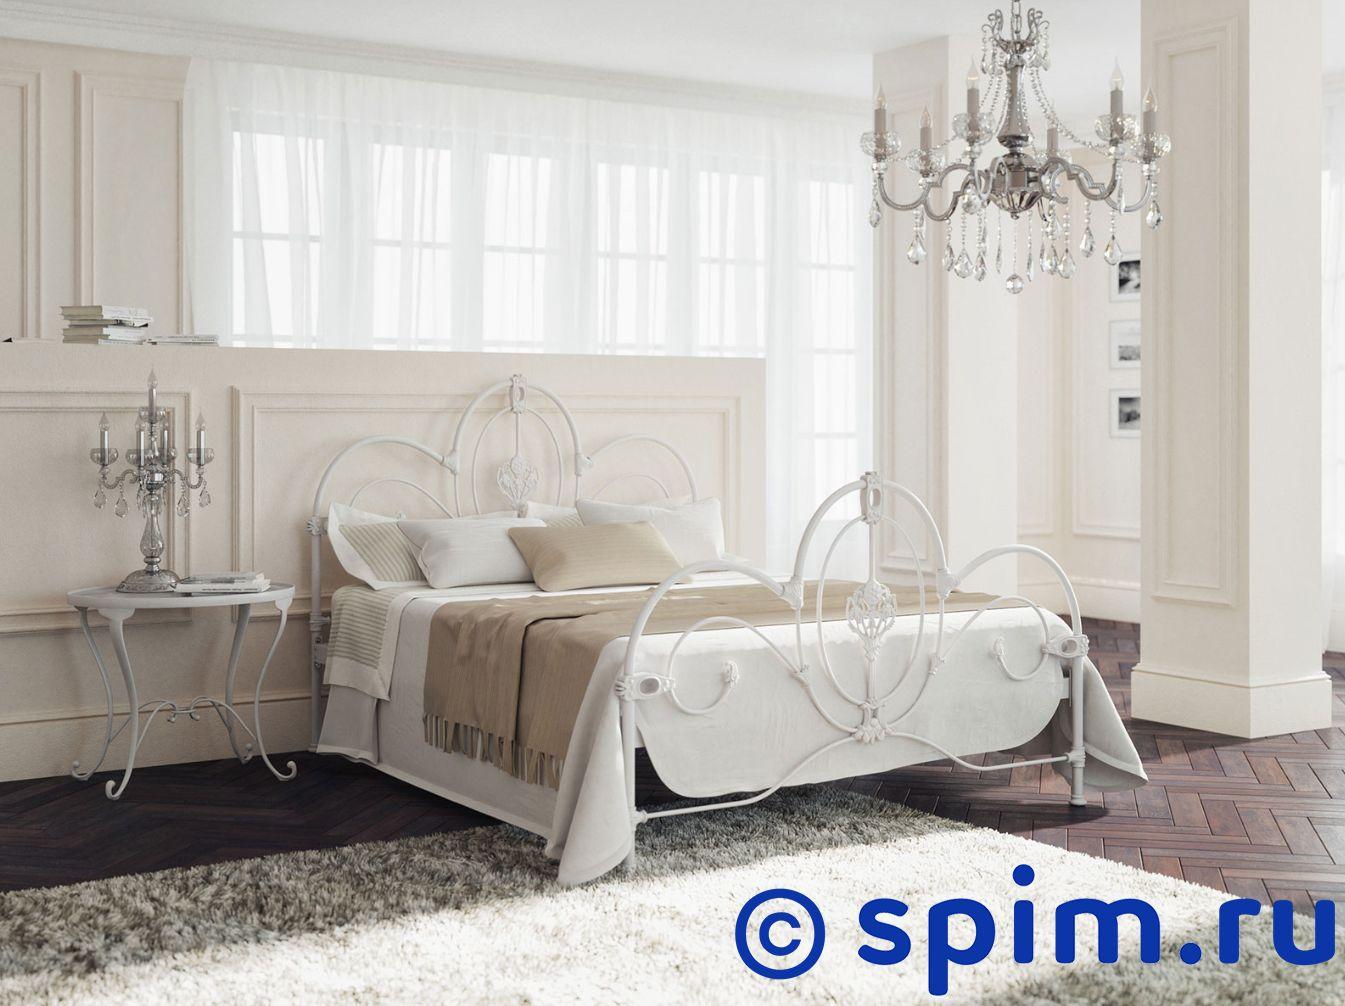 Кровать Originals by Dreamline Prima (2 спинки) 120х200 см кровать dreamline орден 150х190 см